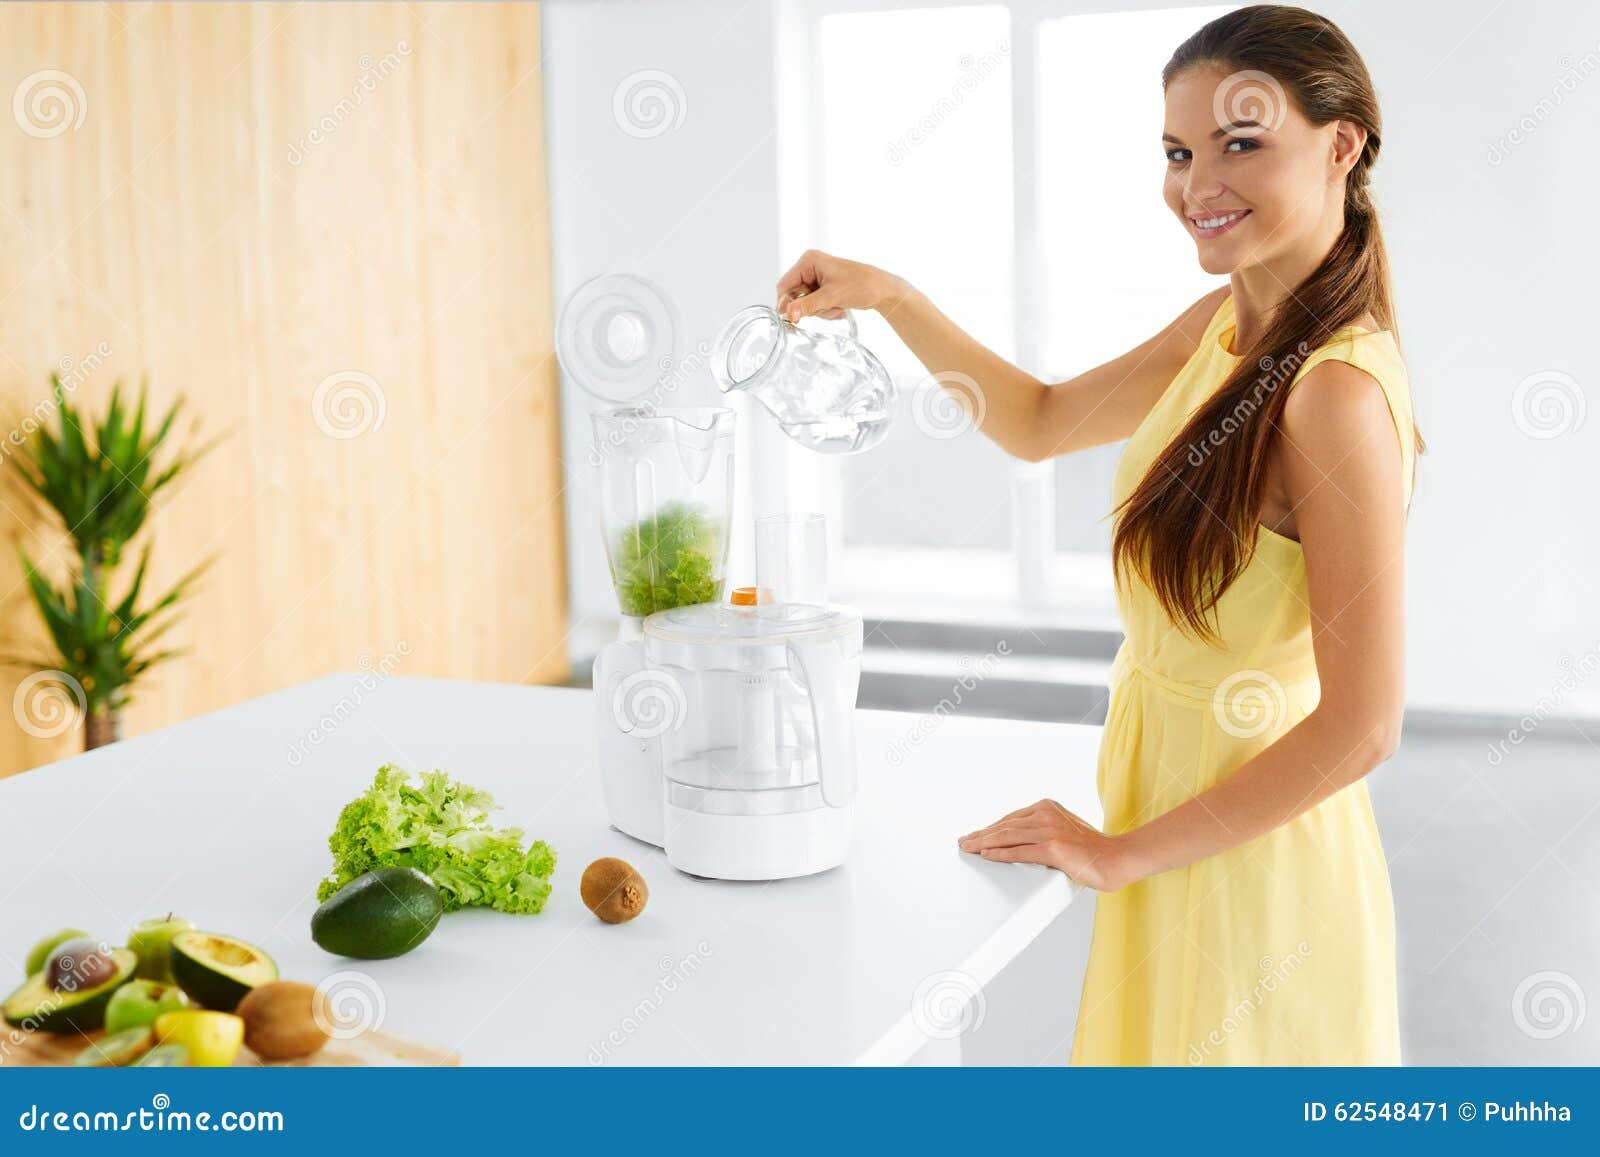 äta som är sunt Vegetarisk kvinna som förbereder grön Detoxfruktsaft Banta mat